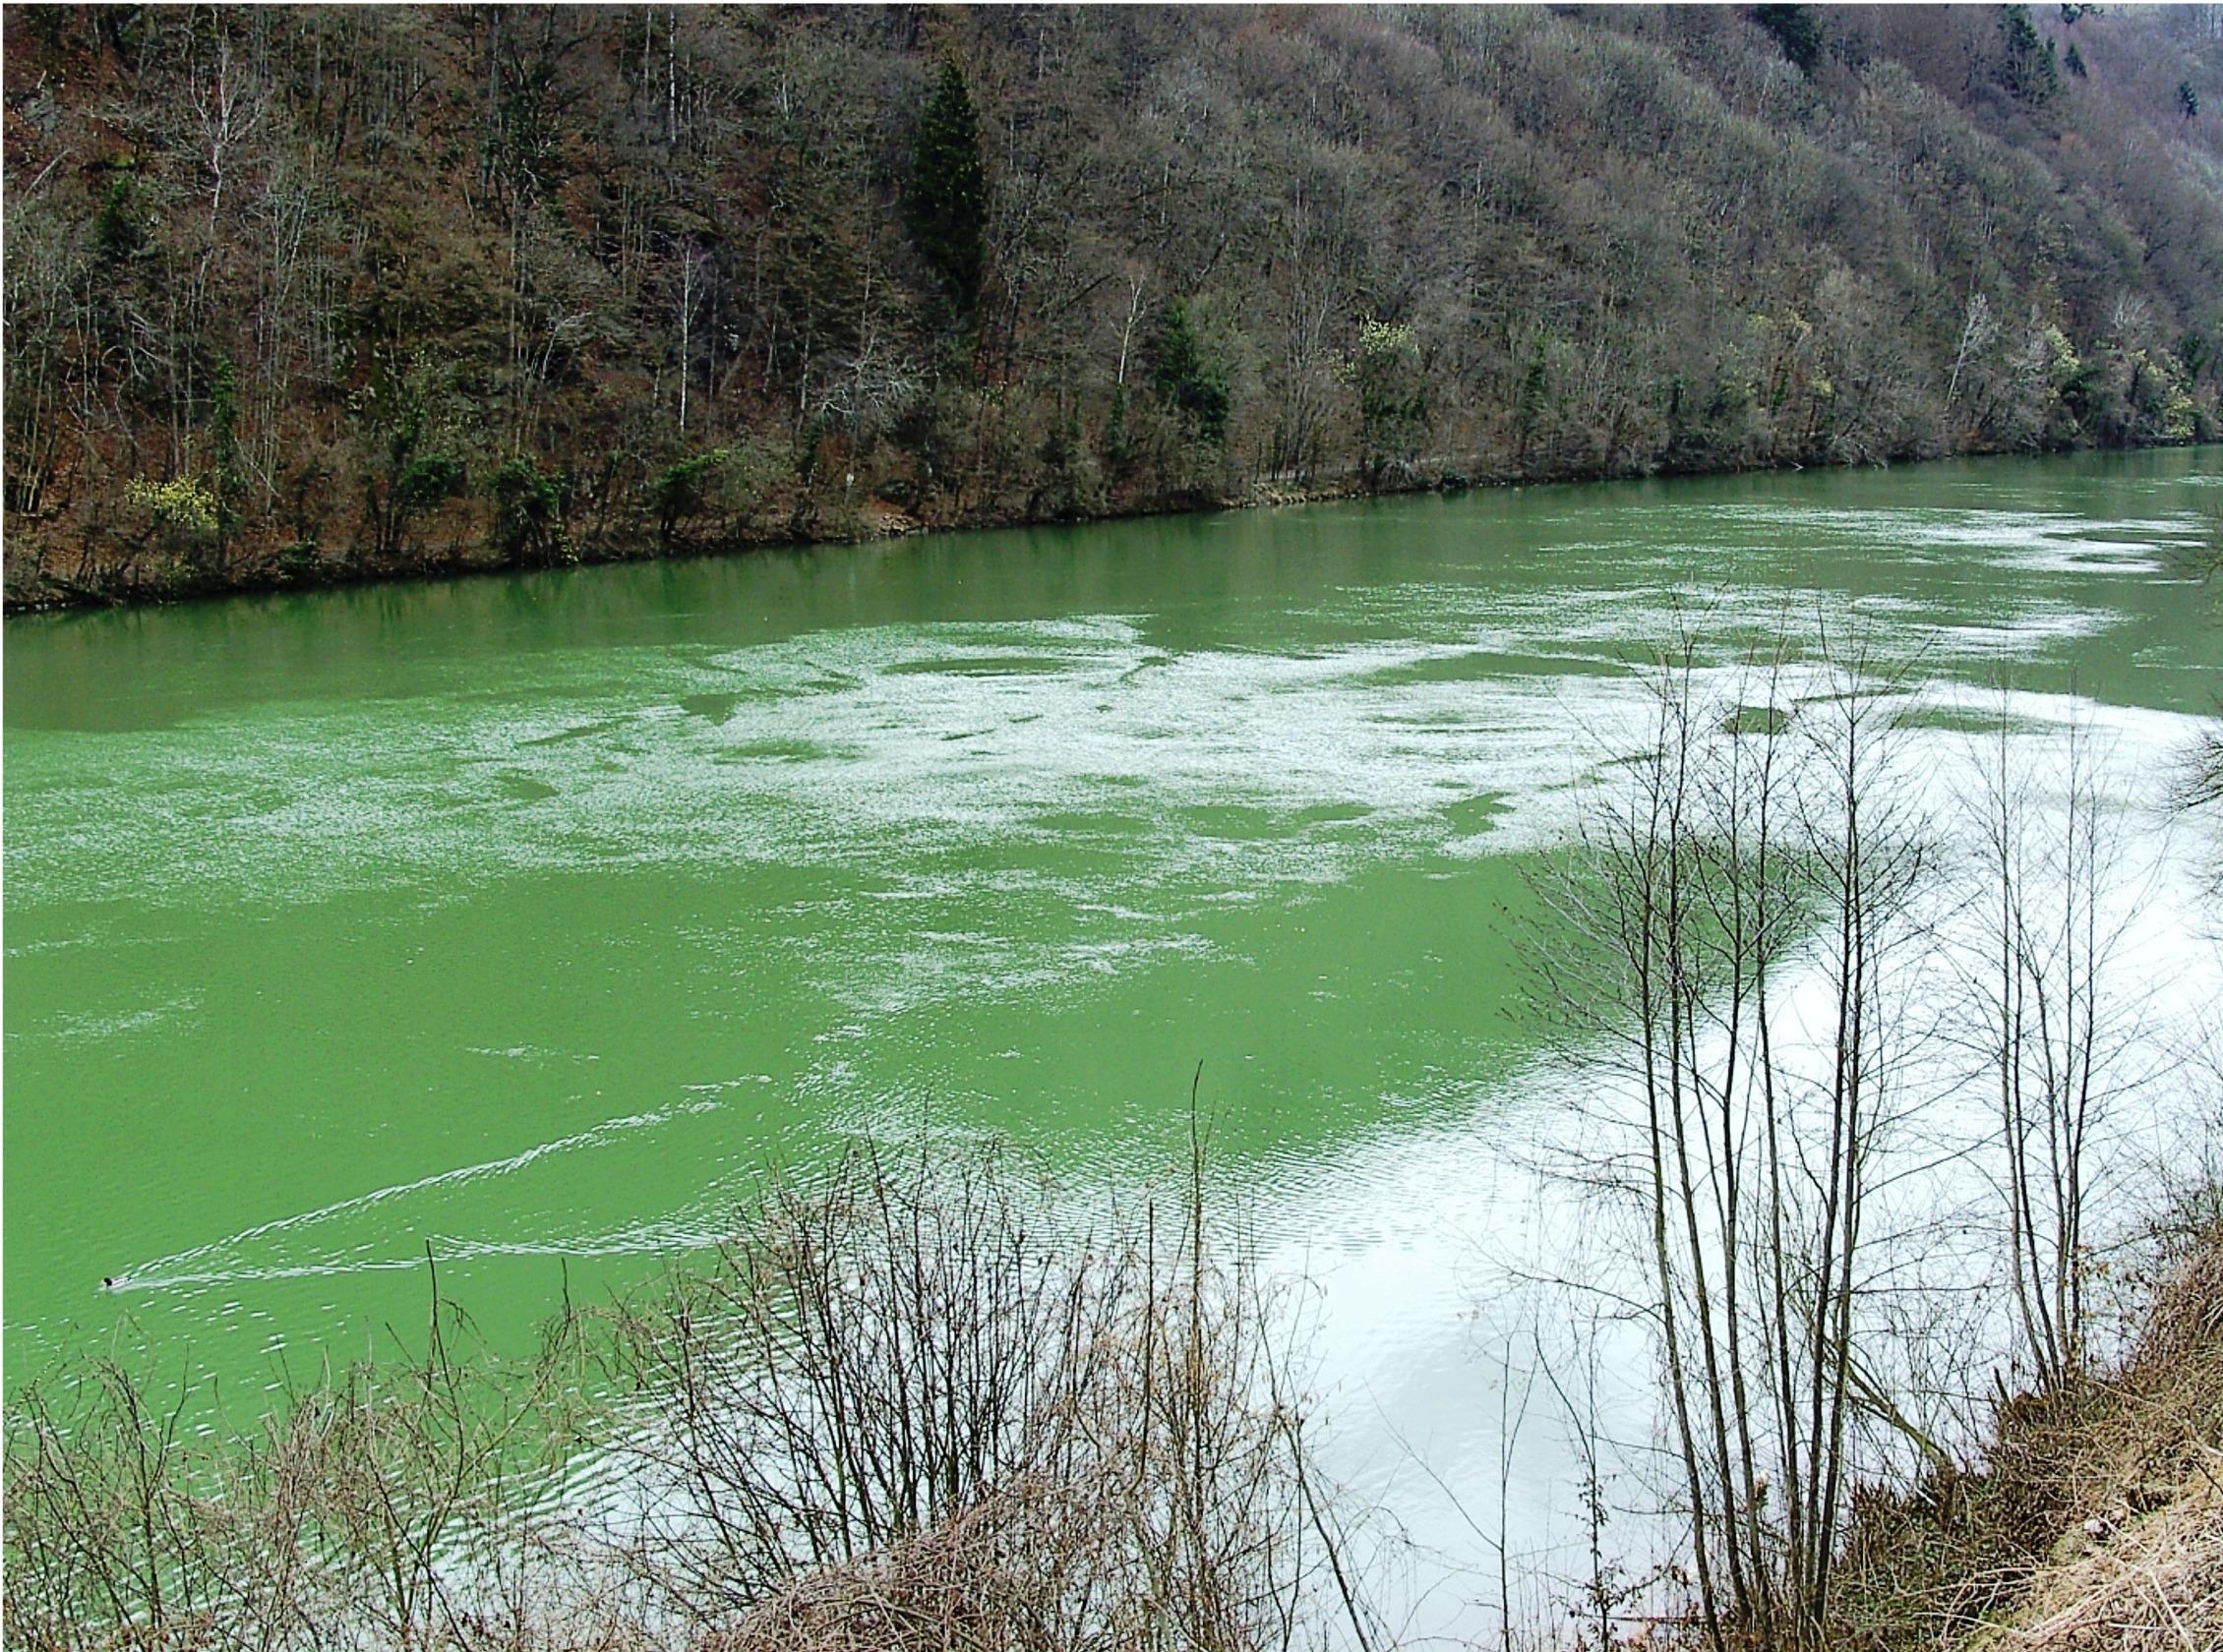 Rüyada Yemyeşil Nehir Görmek